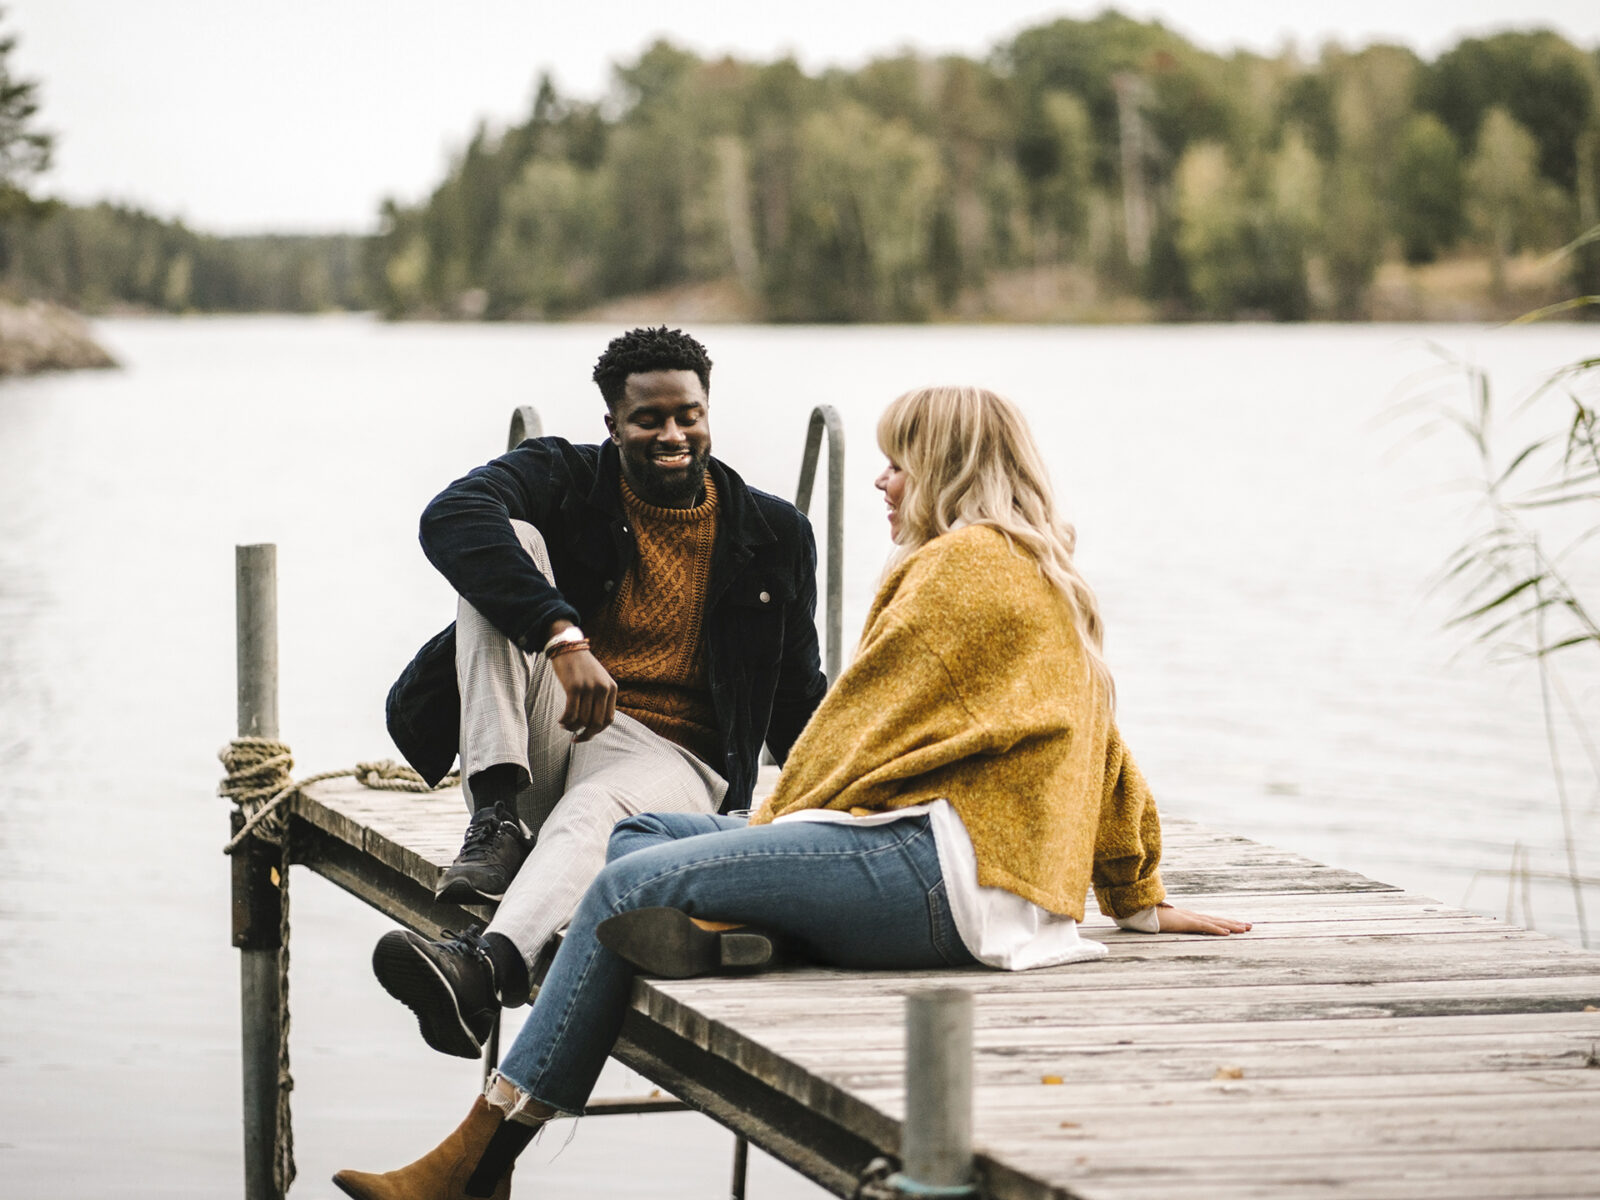 kvinna, man, brygga, sjö, skog, glad, pratar, 1292696176